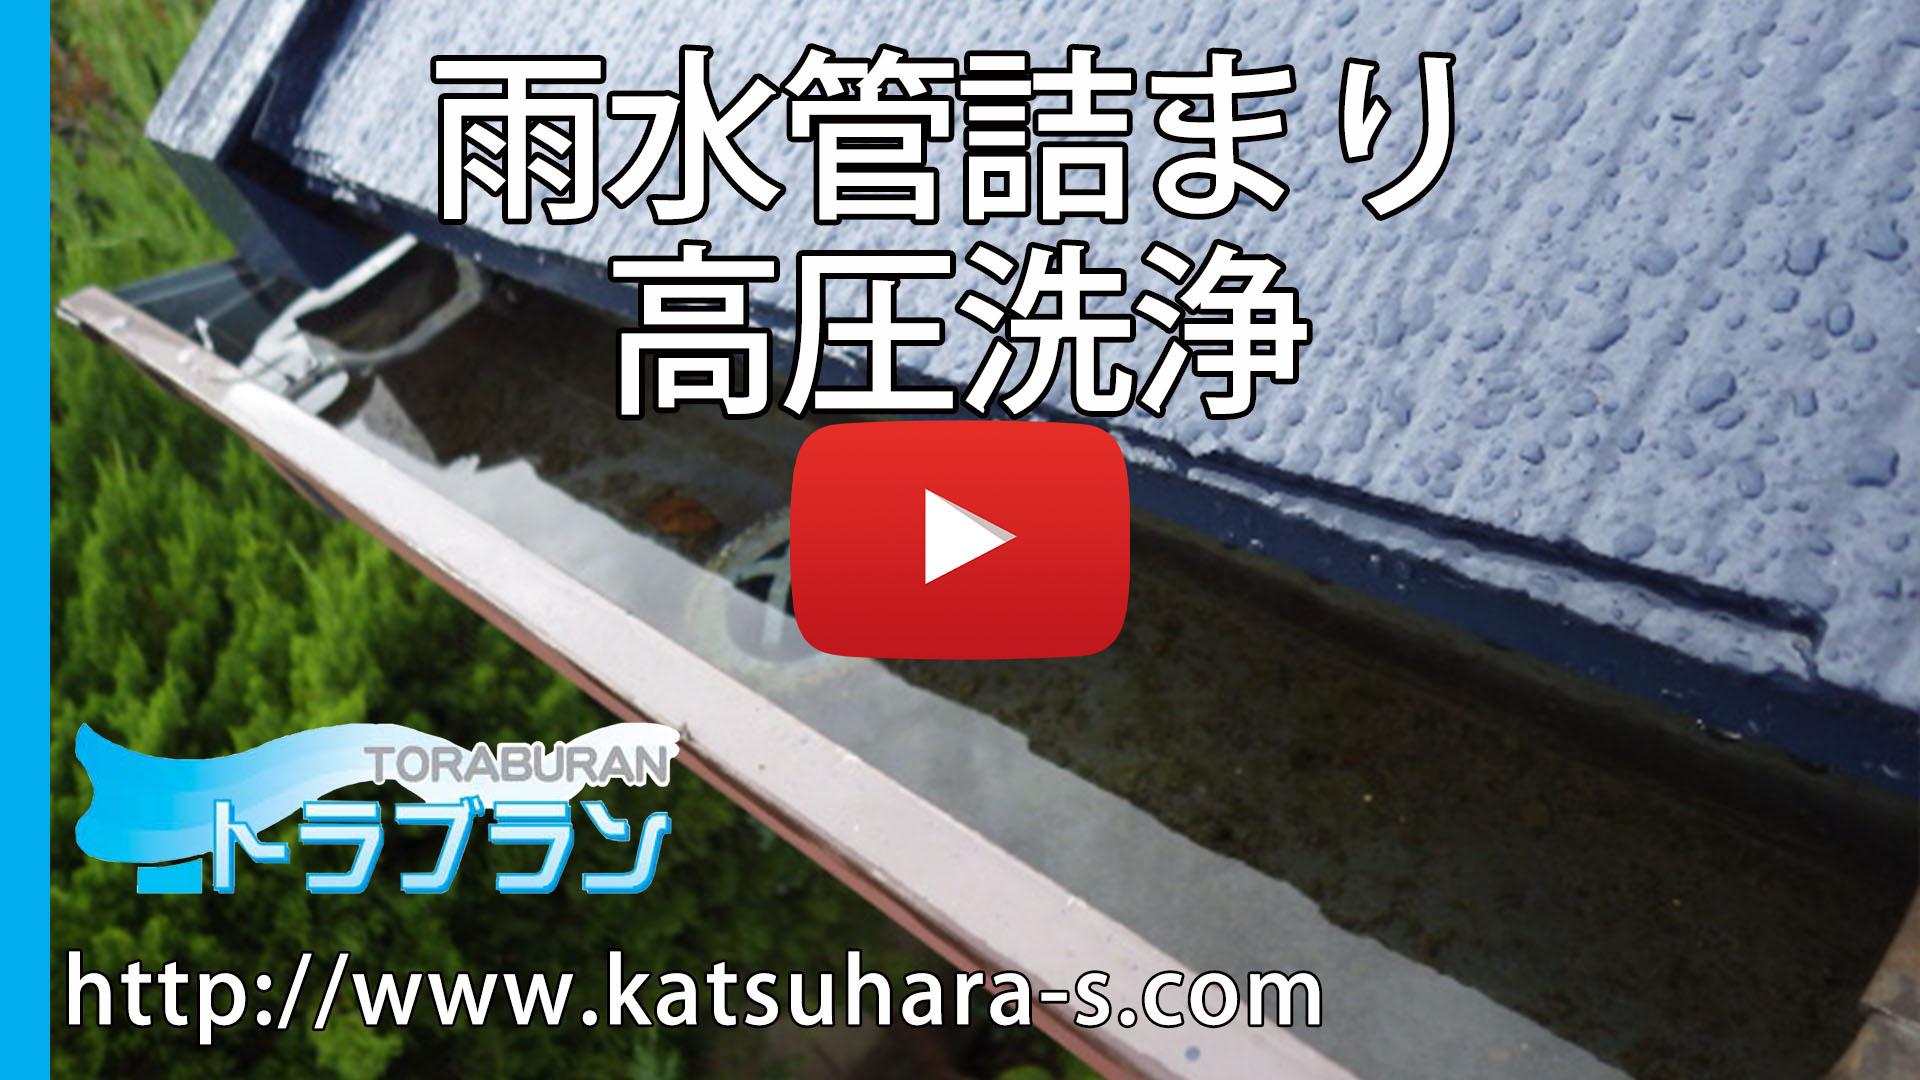 雨水管詰まり 高圧洗浄のサムネイルb